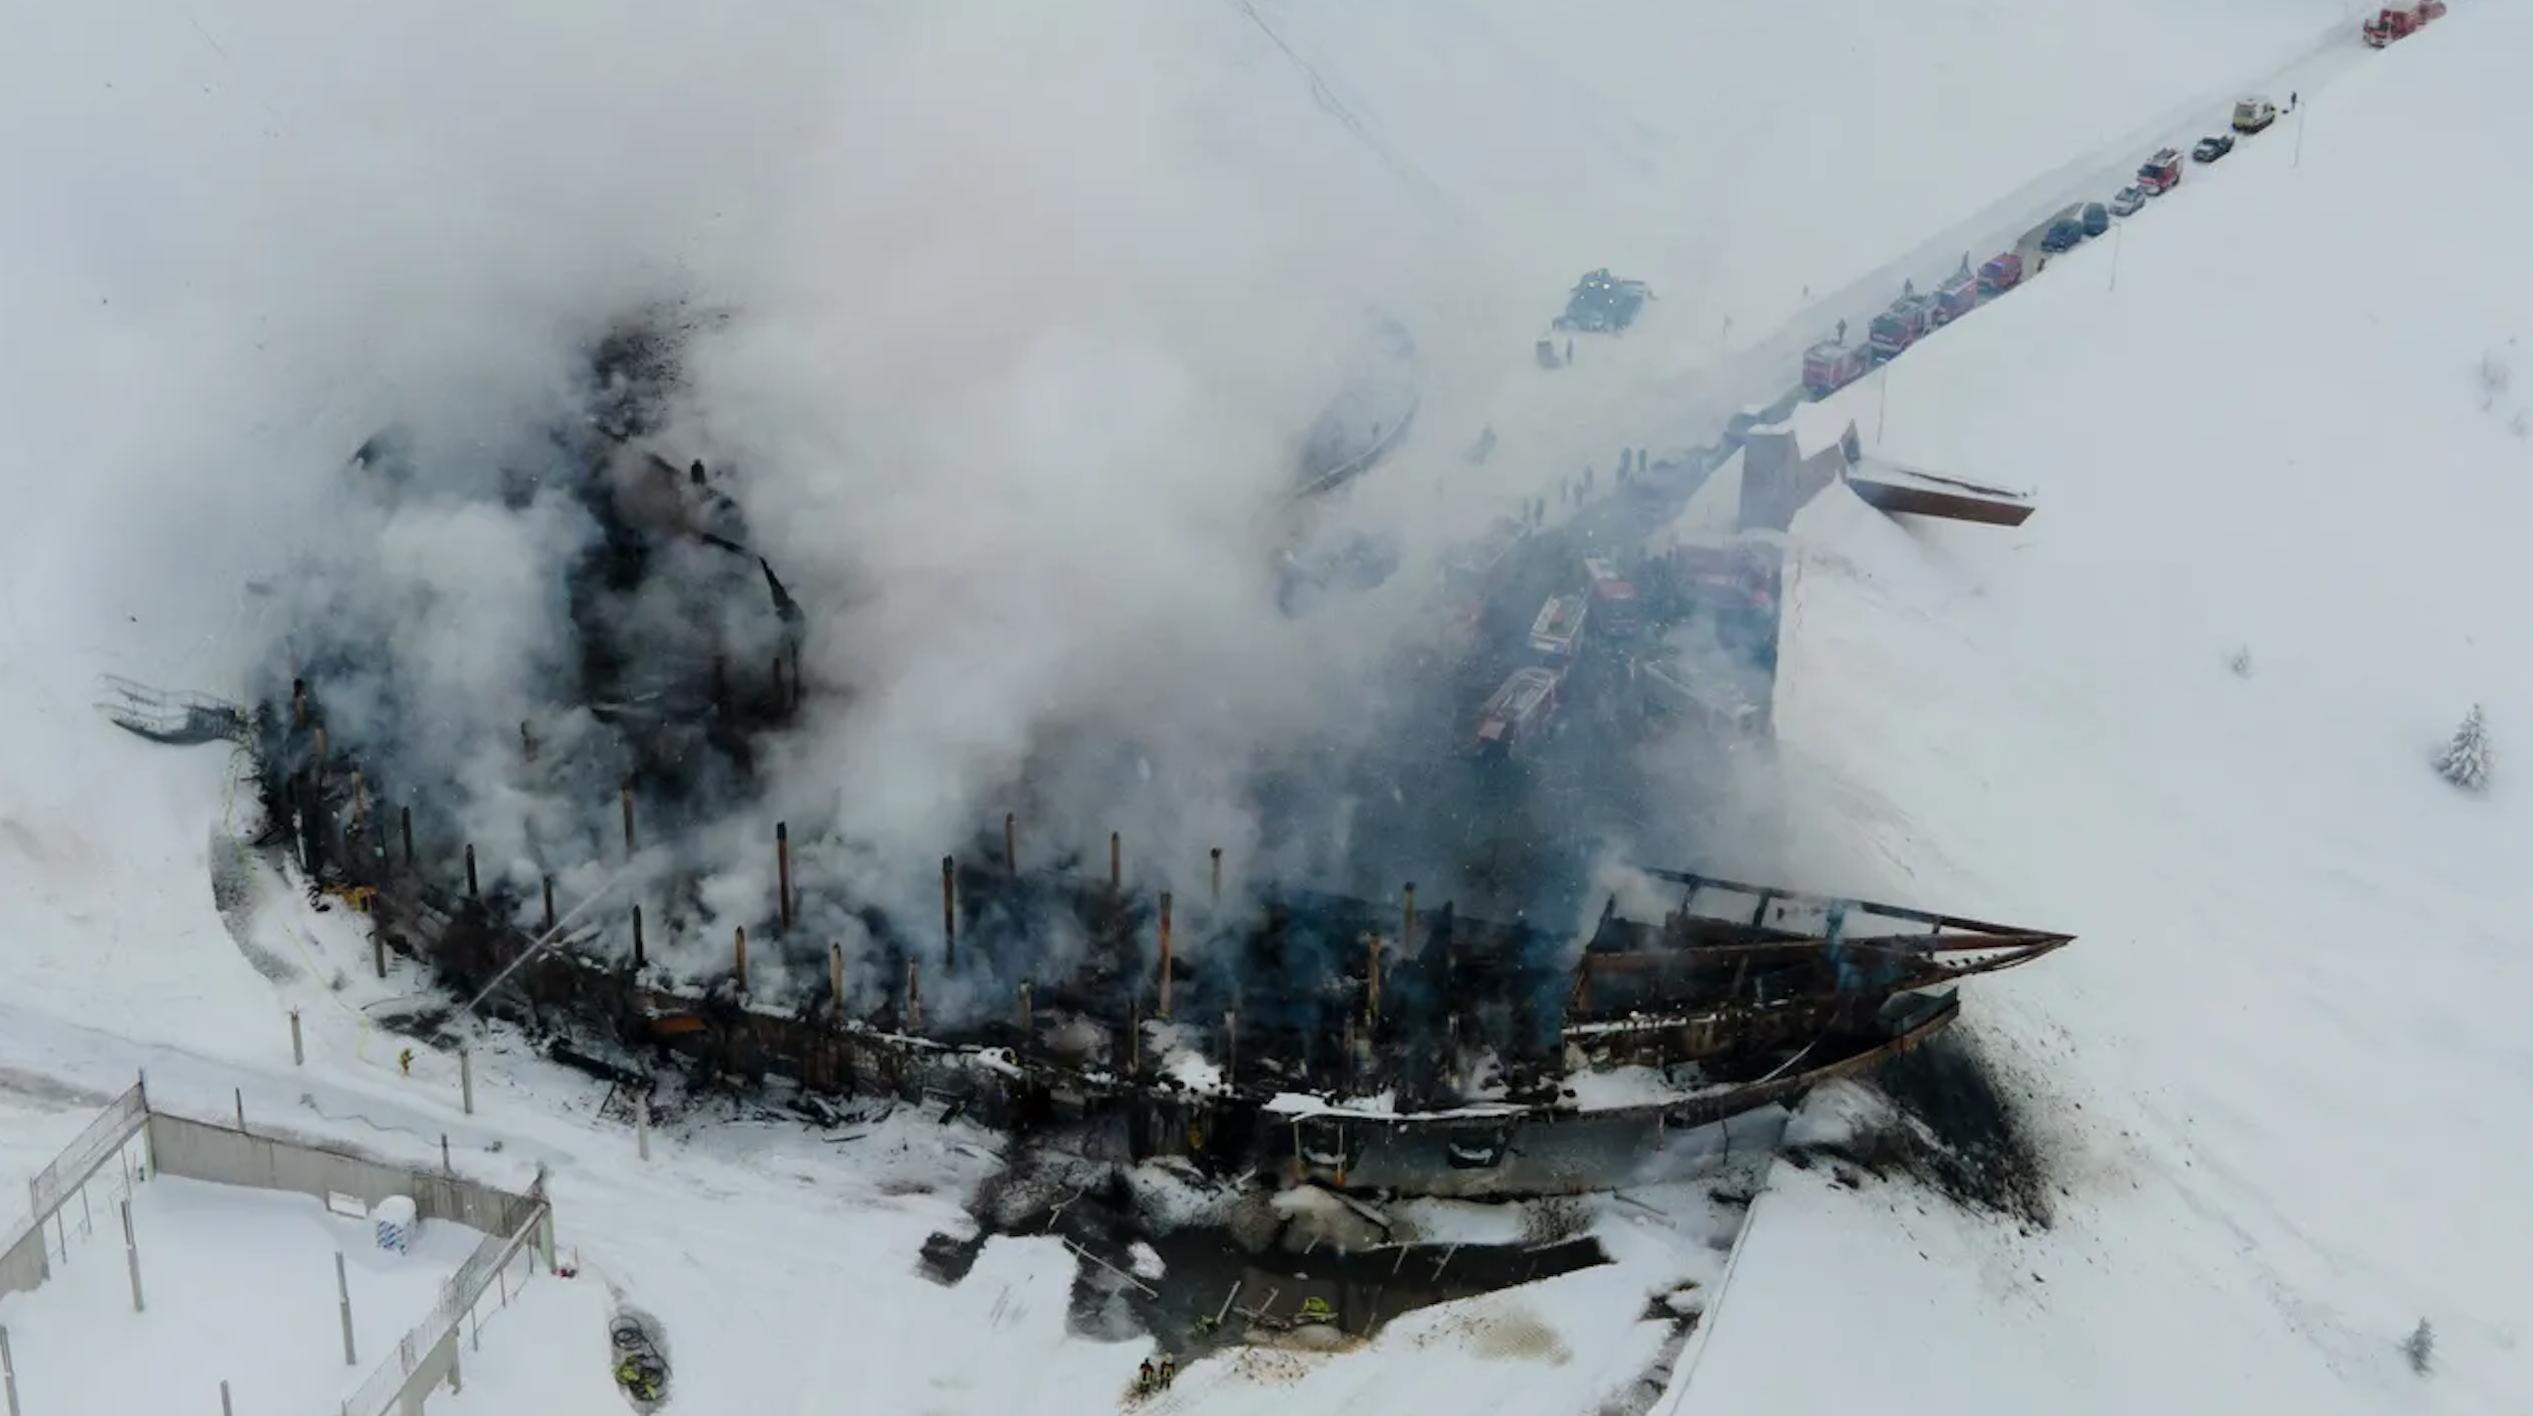 Обновление: пожар на перекрестке горы на вершине горы — на видеозаписи видны разрушенные мотоциклы